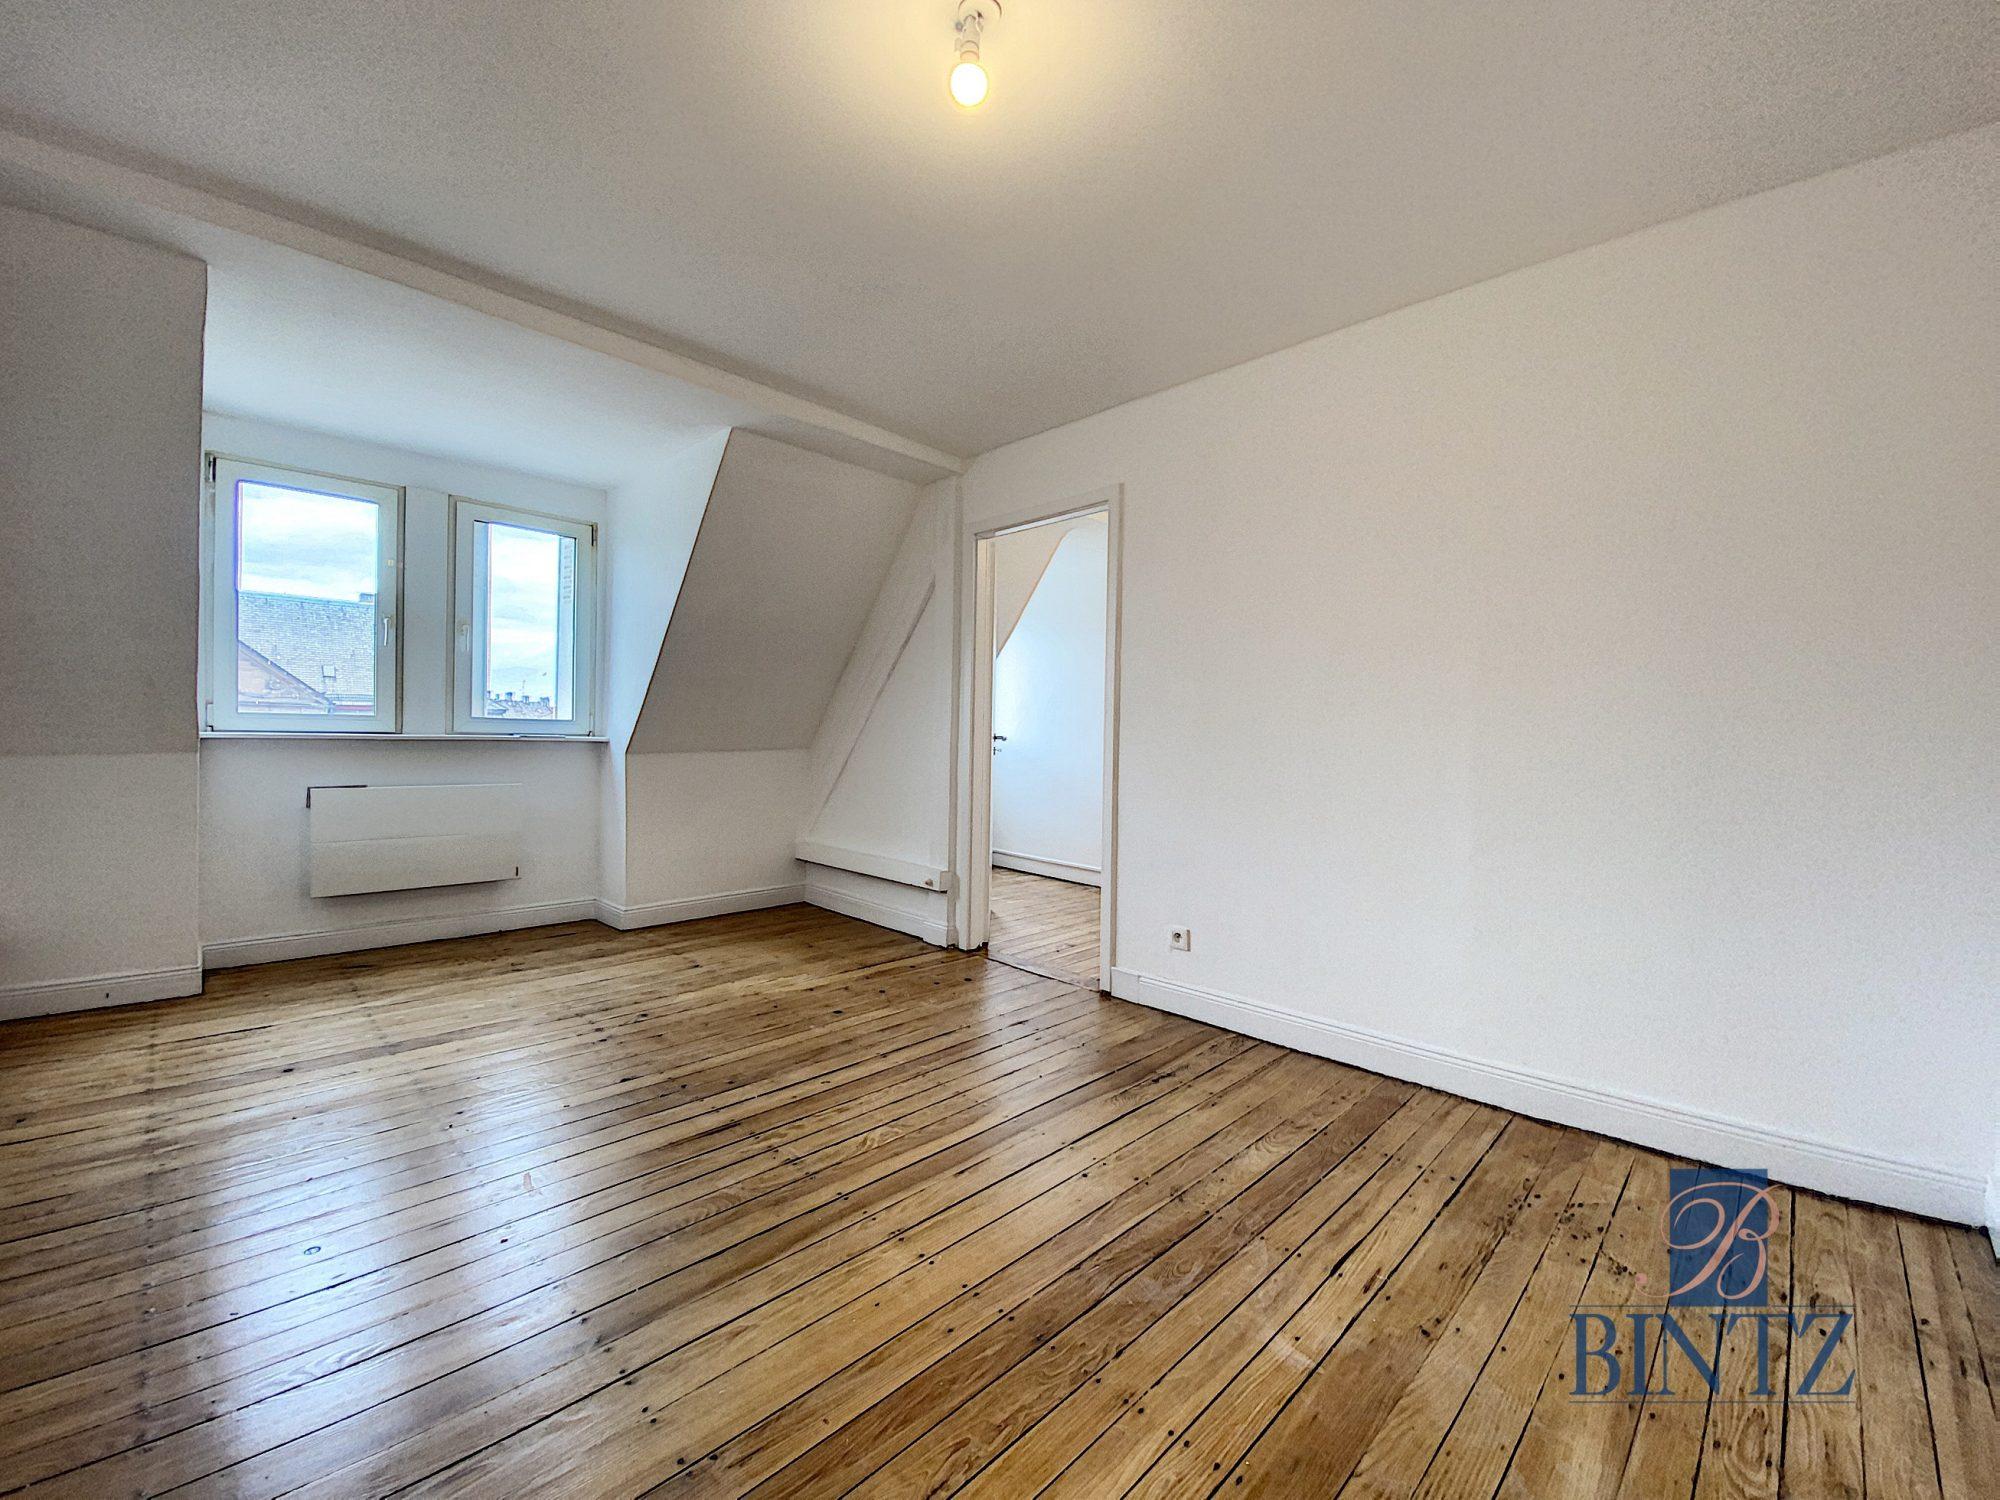 T3 BD LEBLOIS 5EME - Devenez locataire en toute sérénité - Bintz Immobilier - 8